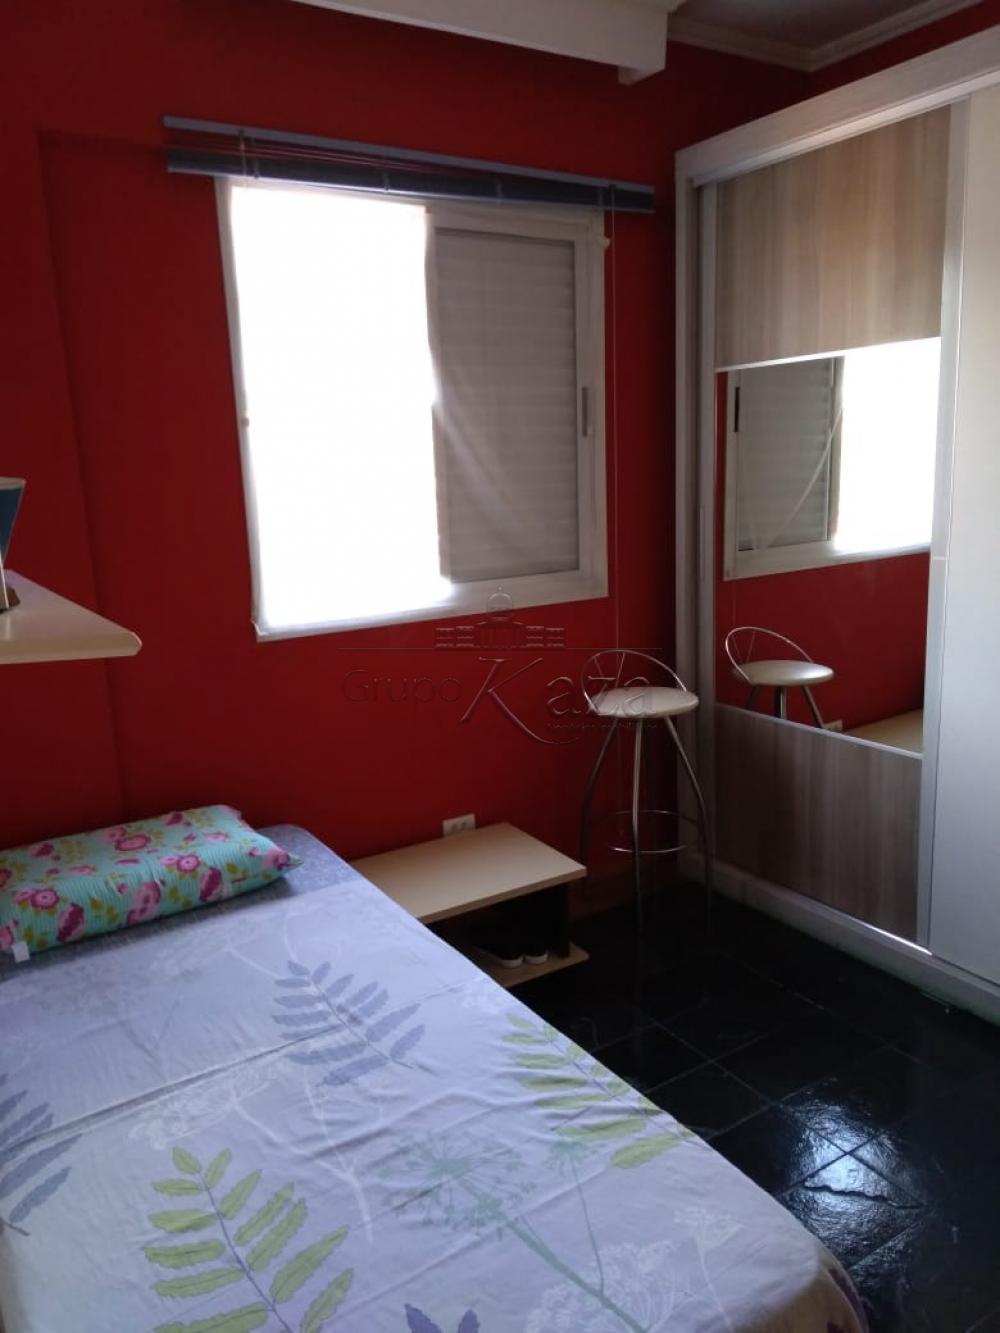 Comprar Apartamento / Padrão em São José dos Campos apenas R$ 310.000,00 - Foto 4